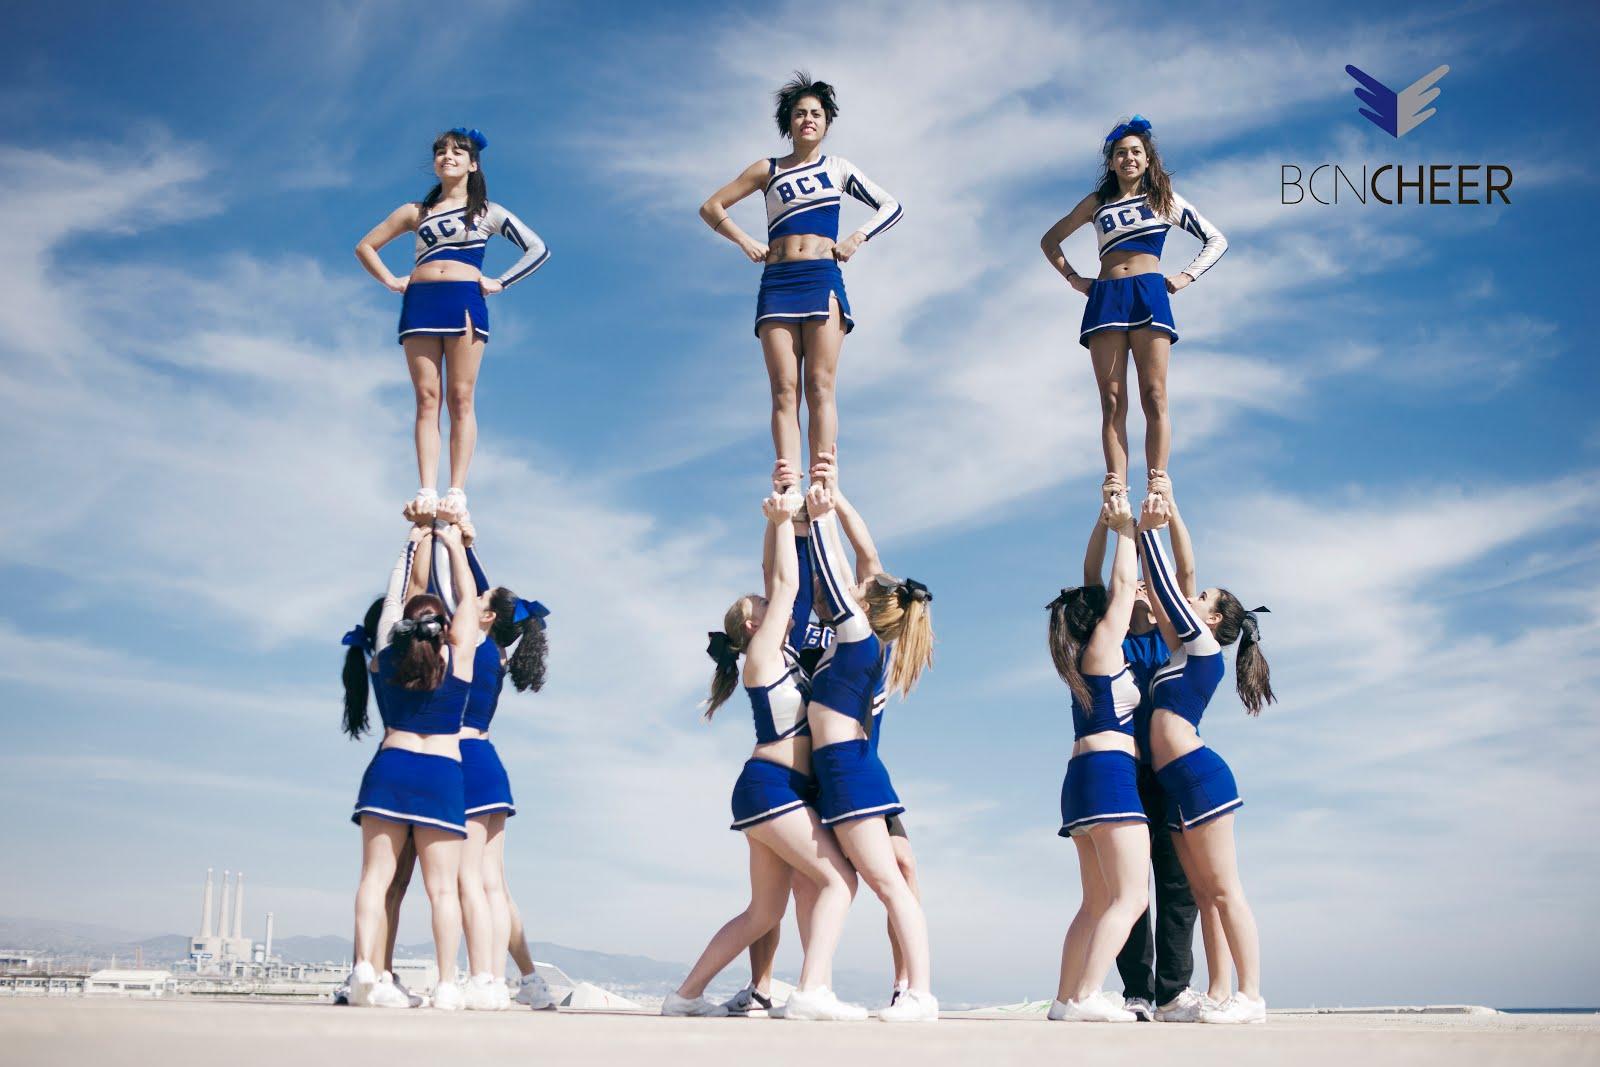 BCN Cheer